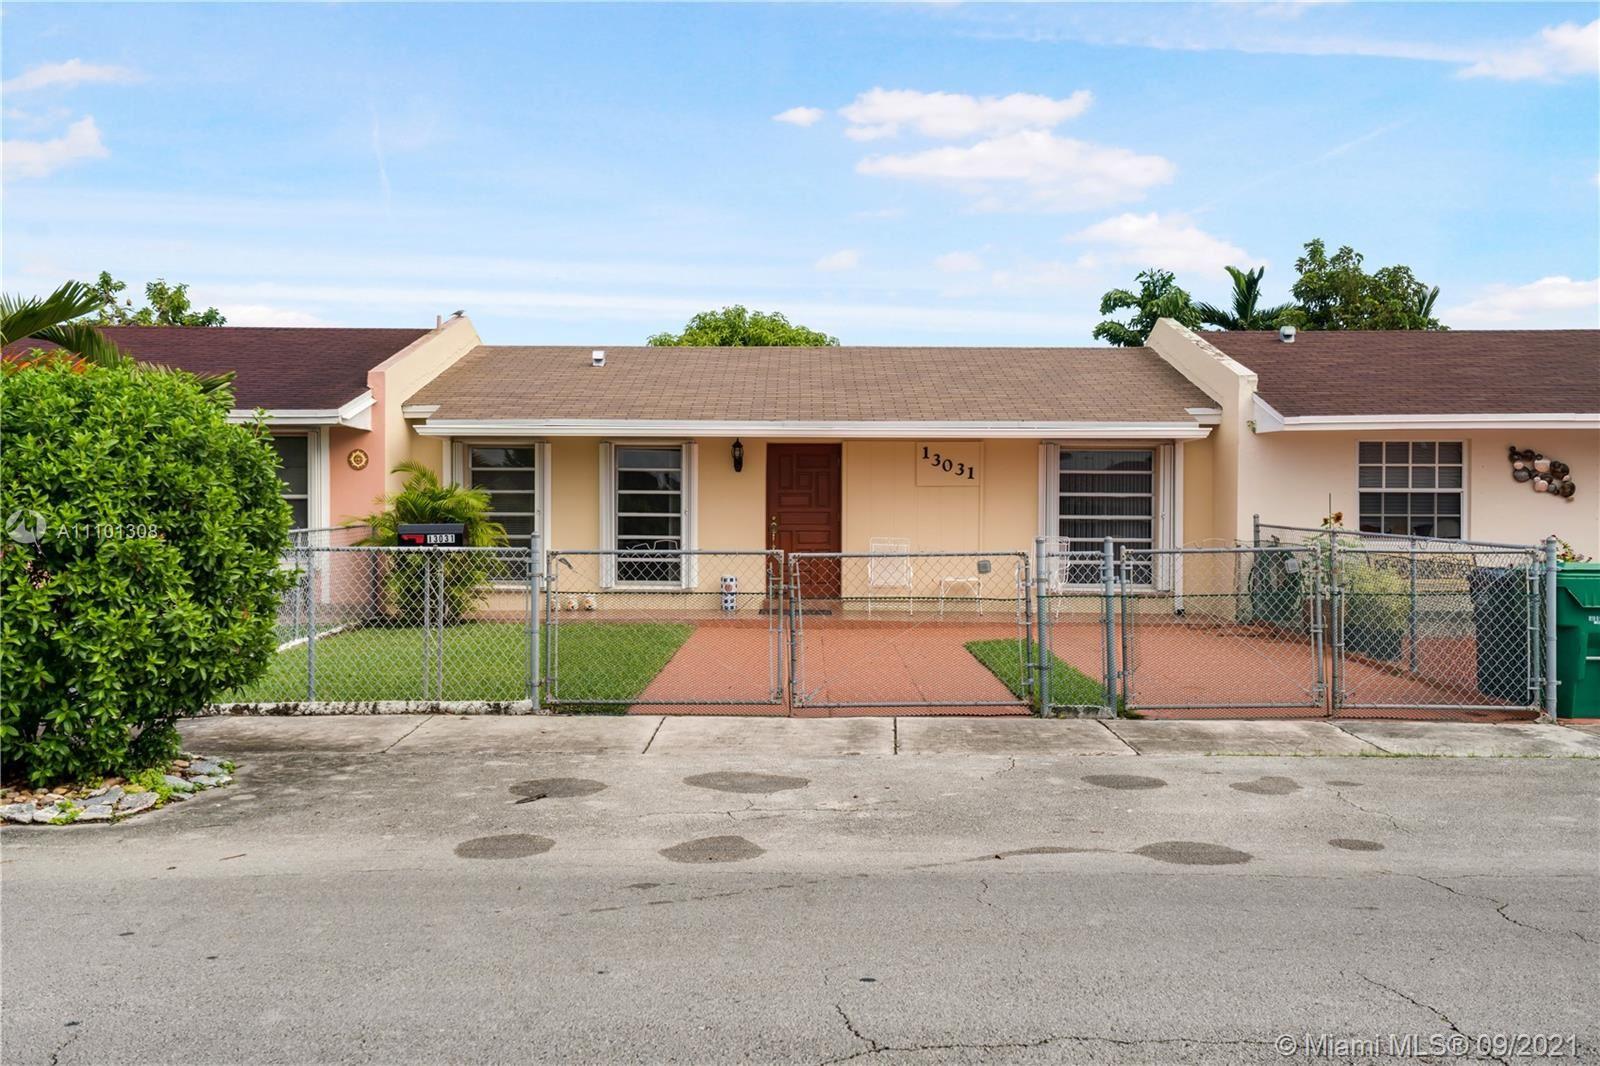 13031 SW 44th St, Miami, FL 33175 - #: A11101308